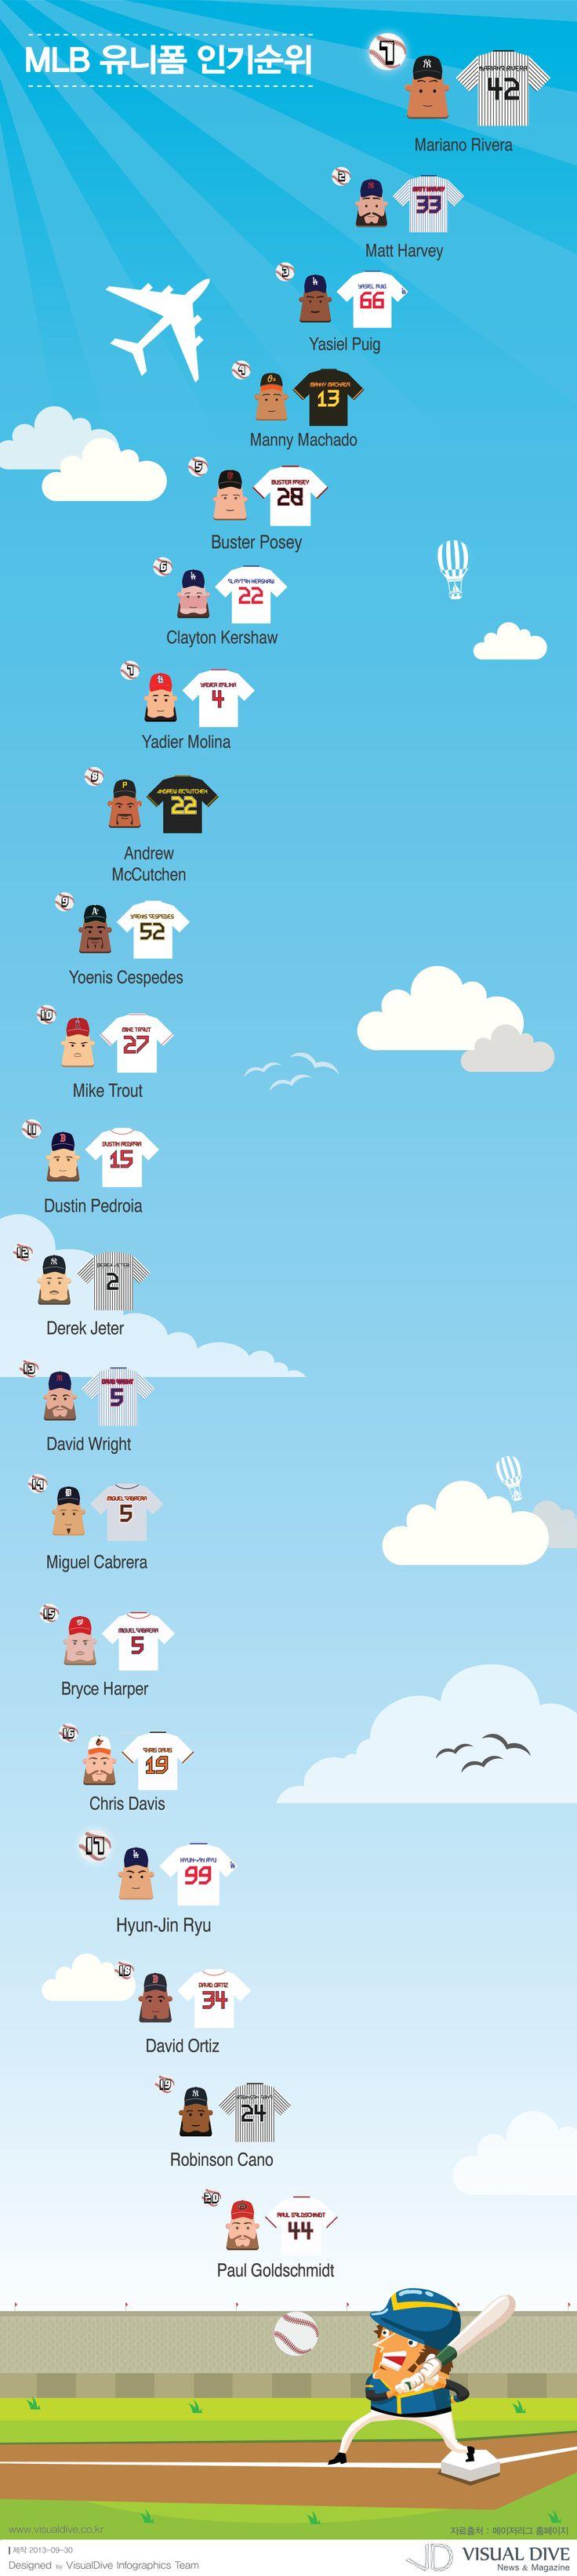 """[인포그래픽] MLB 유니폼 판매순위, 류현진 유니폼은 몇 위? #MLB / #Infographic"""" ⓒ 비주얼다이브 무단 복사·전재·재배포 금지"""